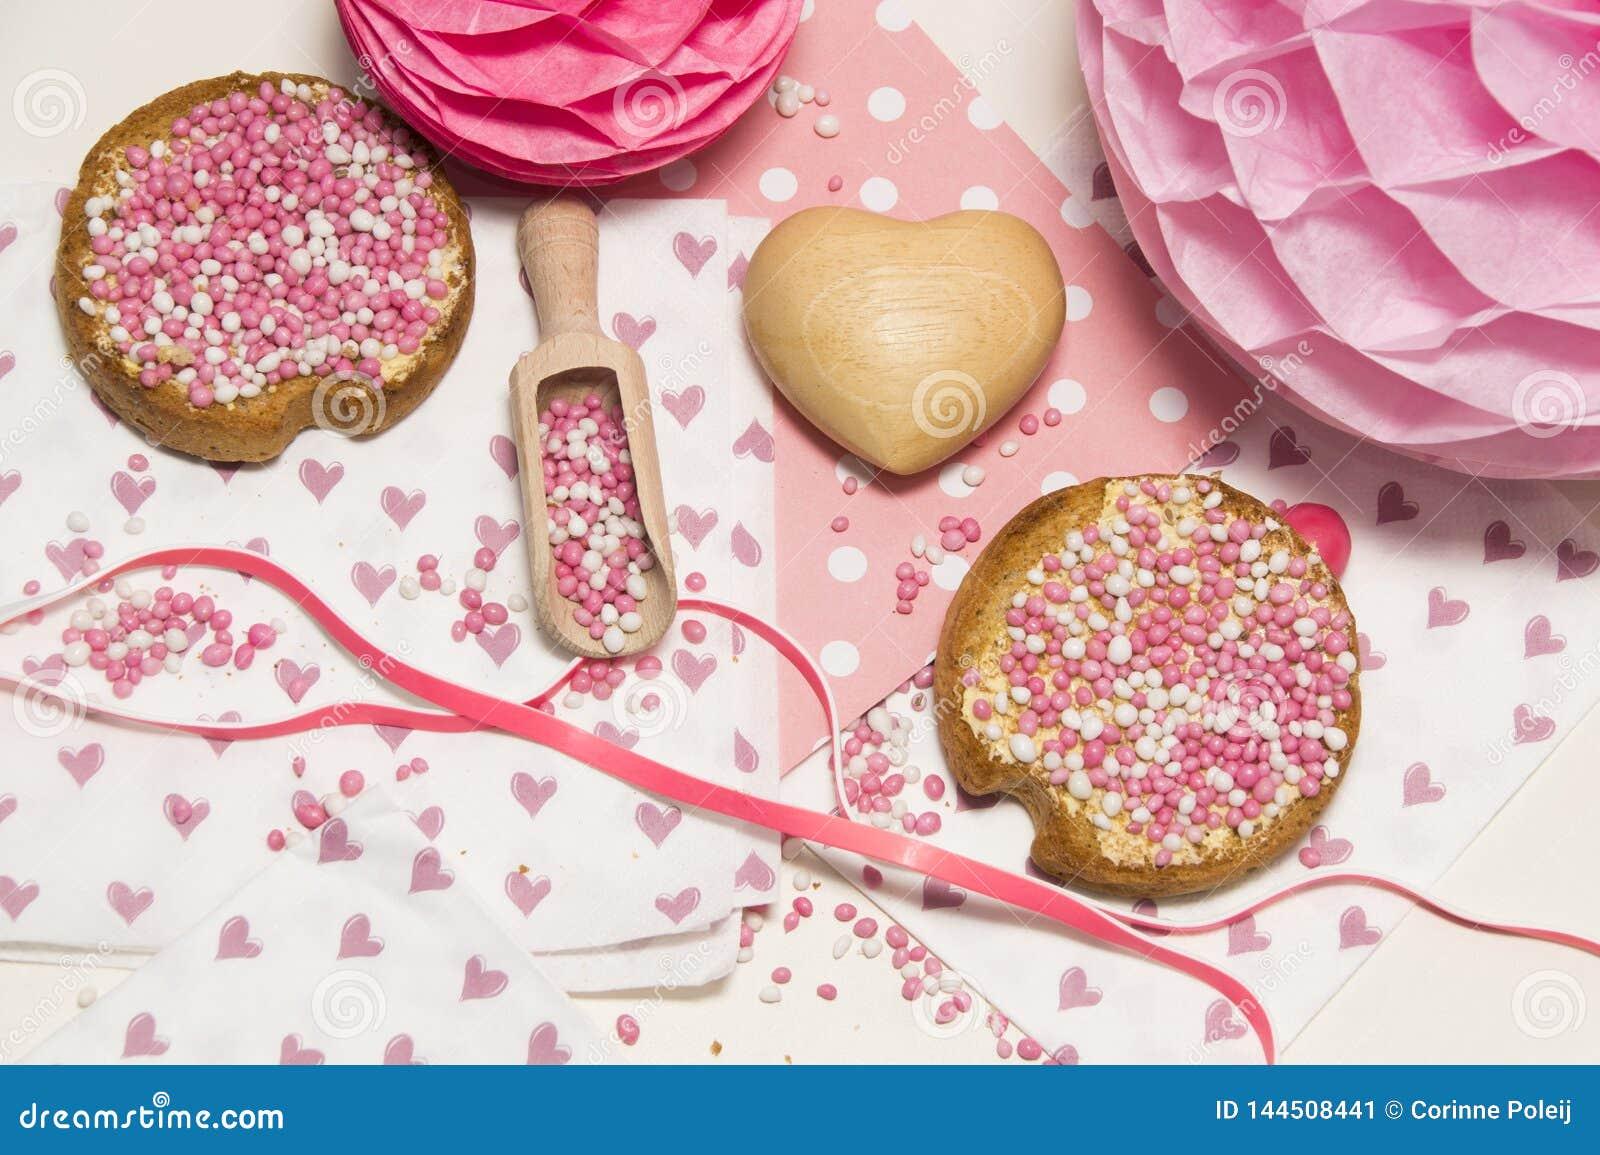 Φρυγανιά με τις ρόδινες σφαίρες γλυκάνισου, muisjes, παράδοση στις Κάτω Χώρες για να γιορτάσει τη γέννηση μιας κόρης